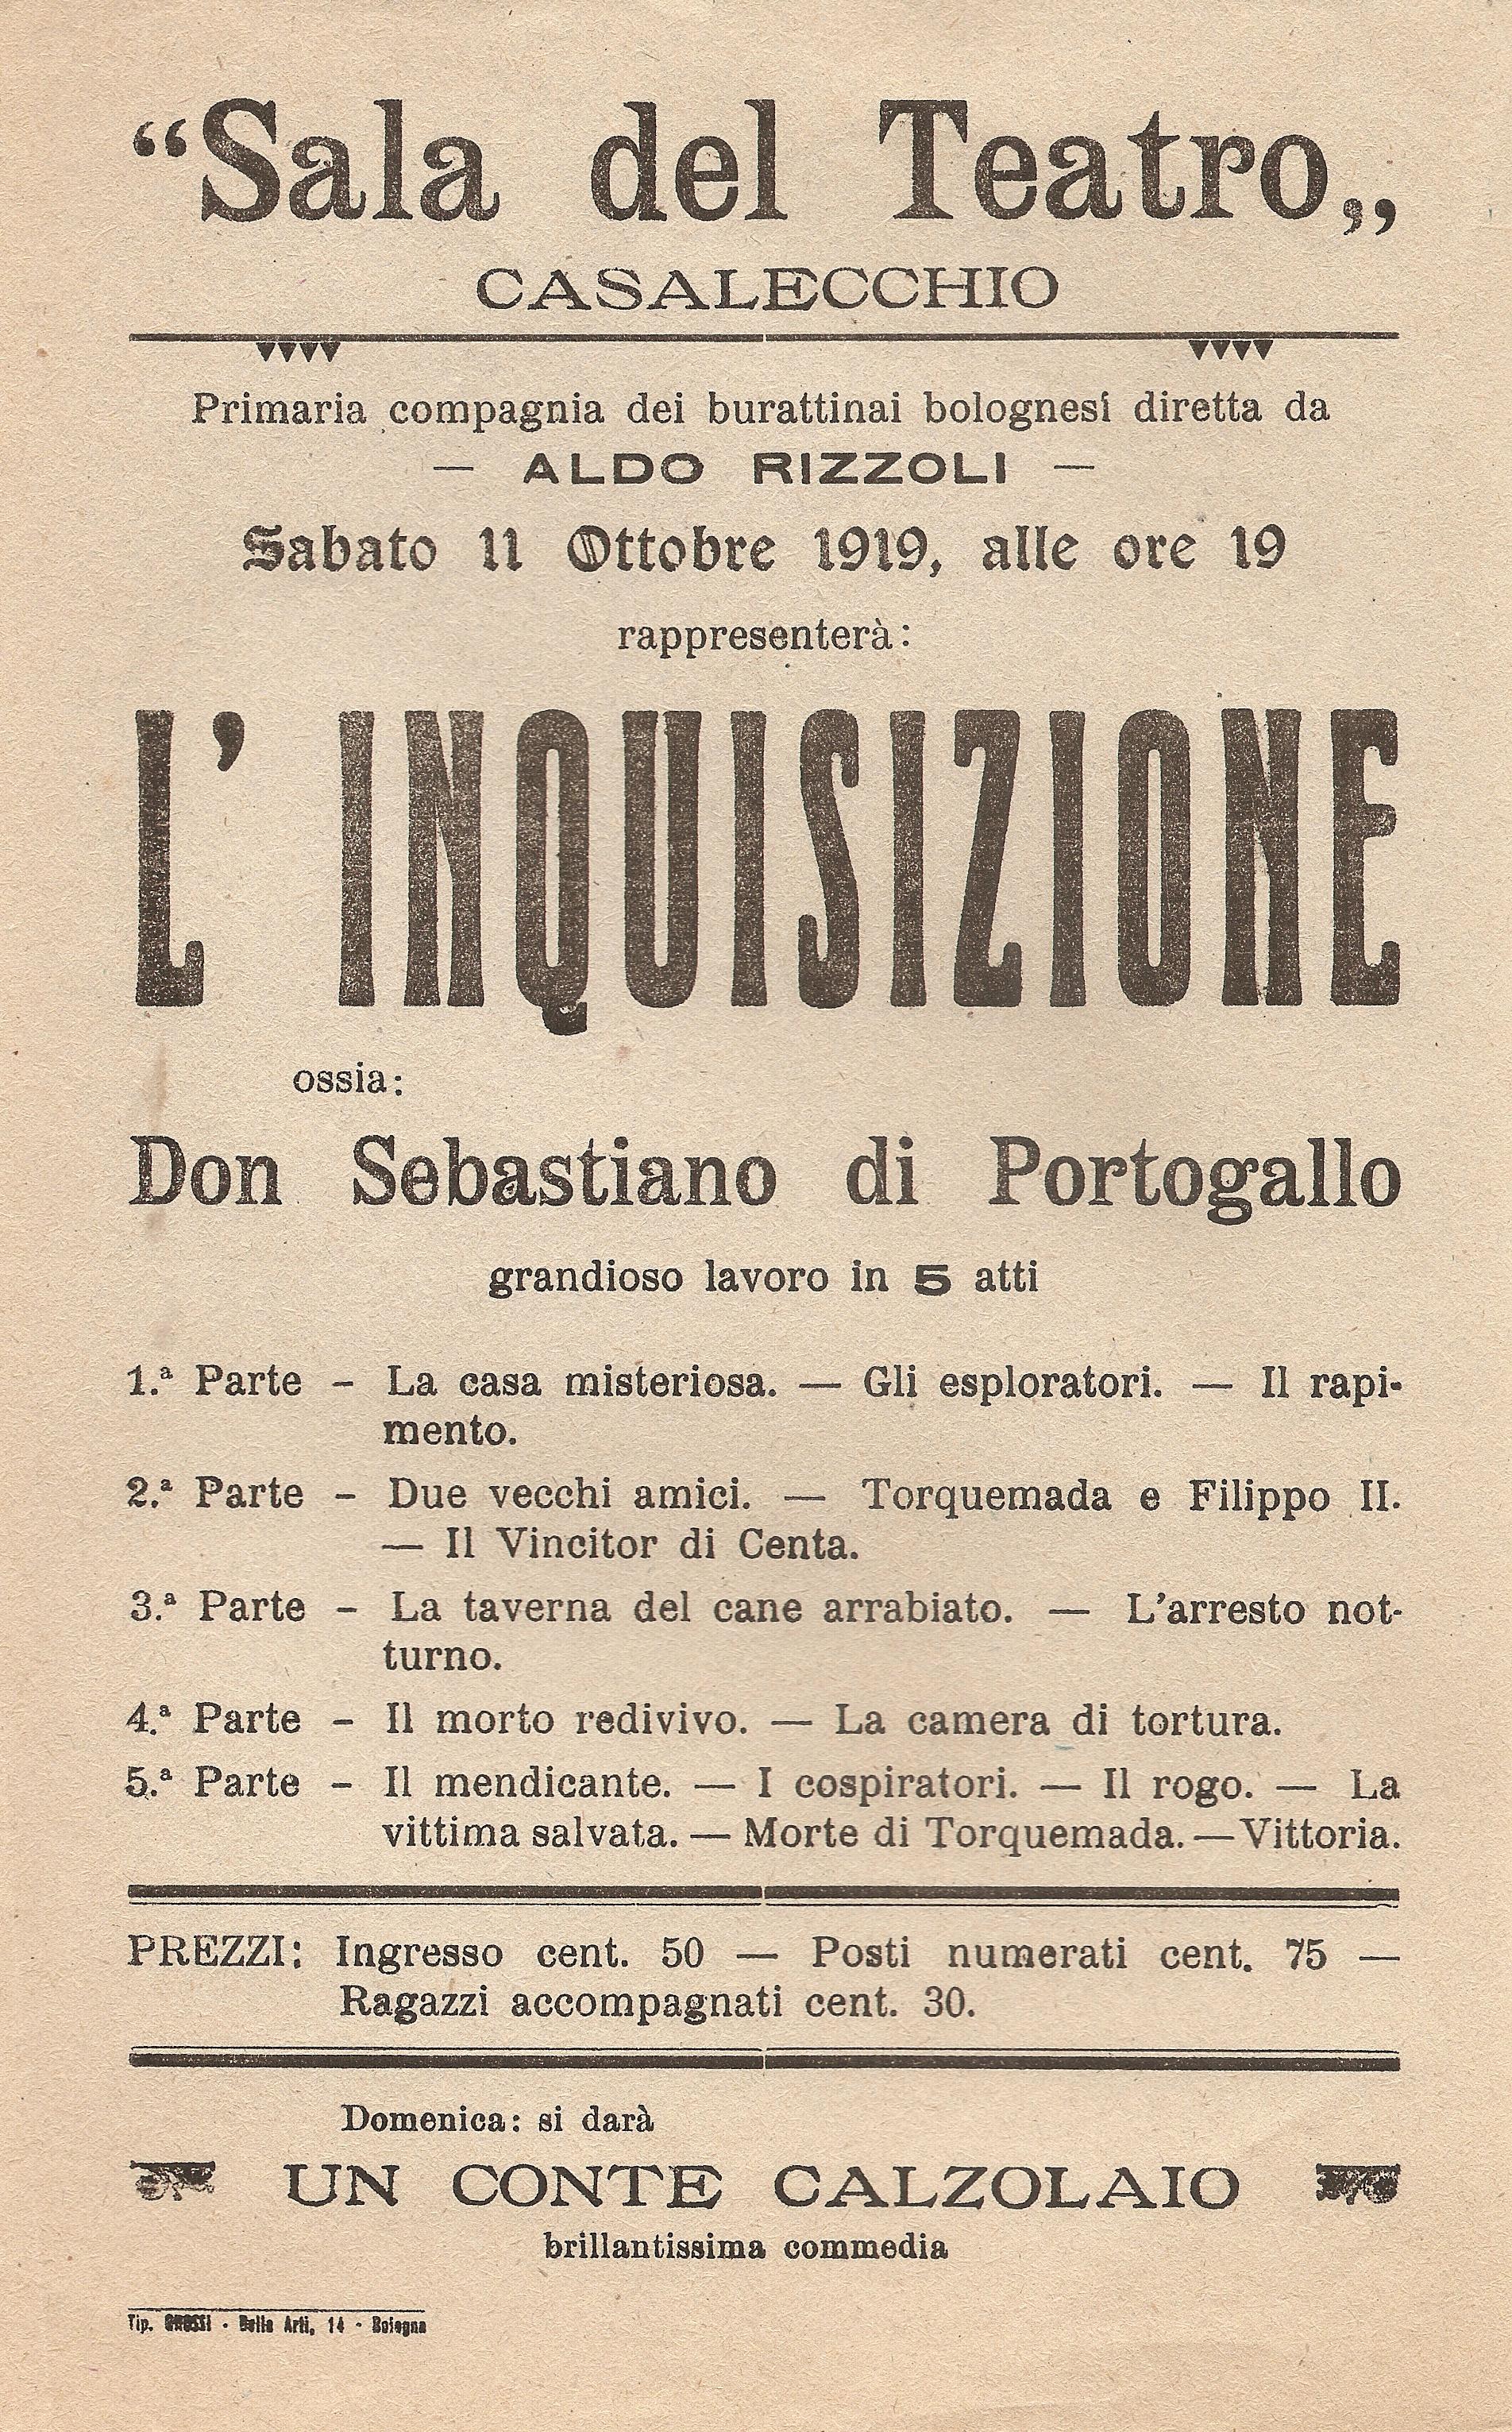 """Locandina dello spettacolo di burattini """"L'inquisizione ossia Don Ferdinando di Portogallo"""""""